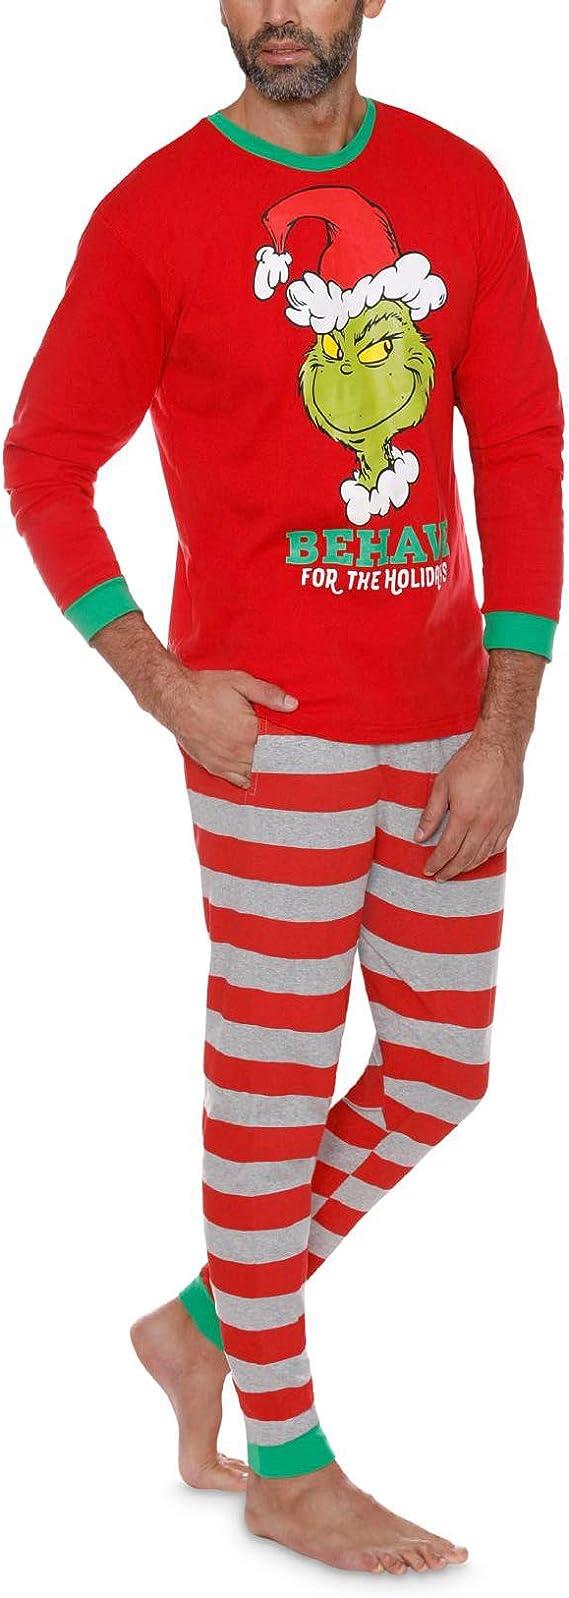 Inicio Ropa Disfraz de Grinch Pijamas Familiares Cosplay Sudaderas ...